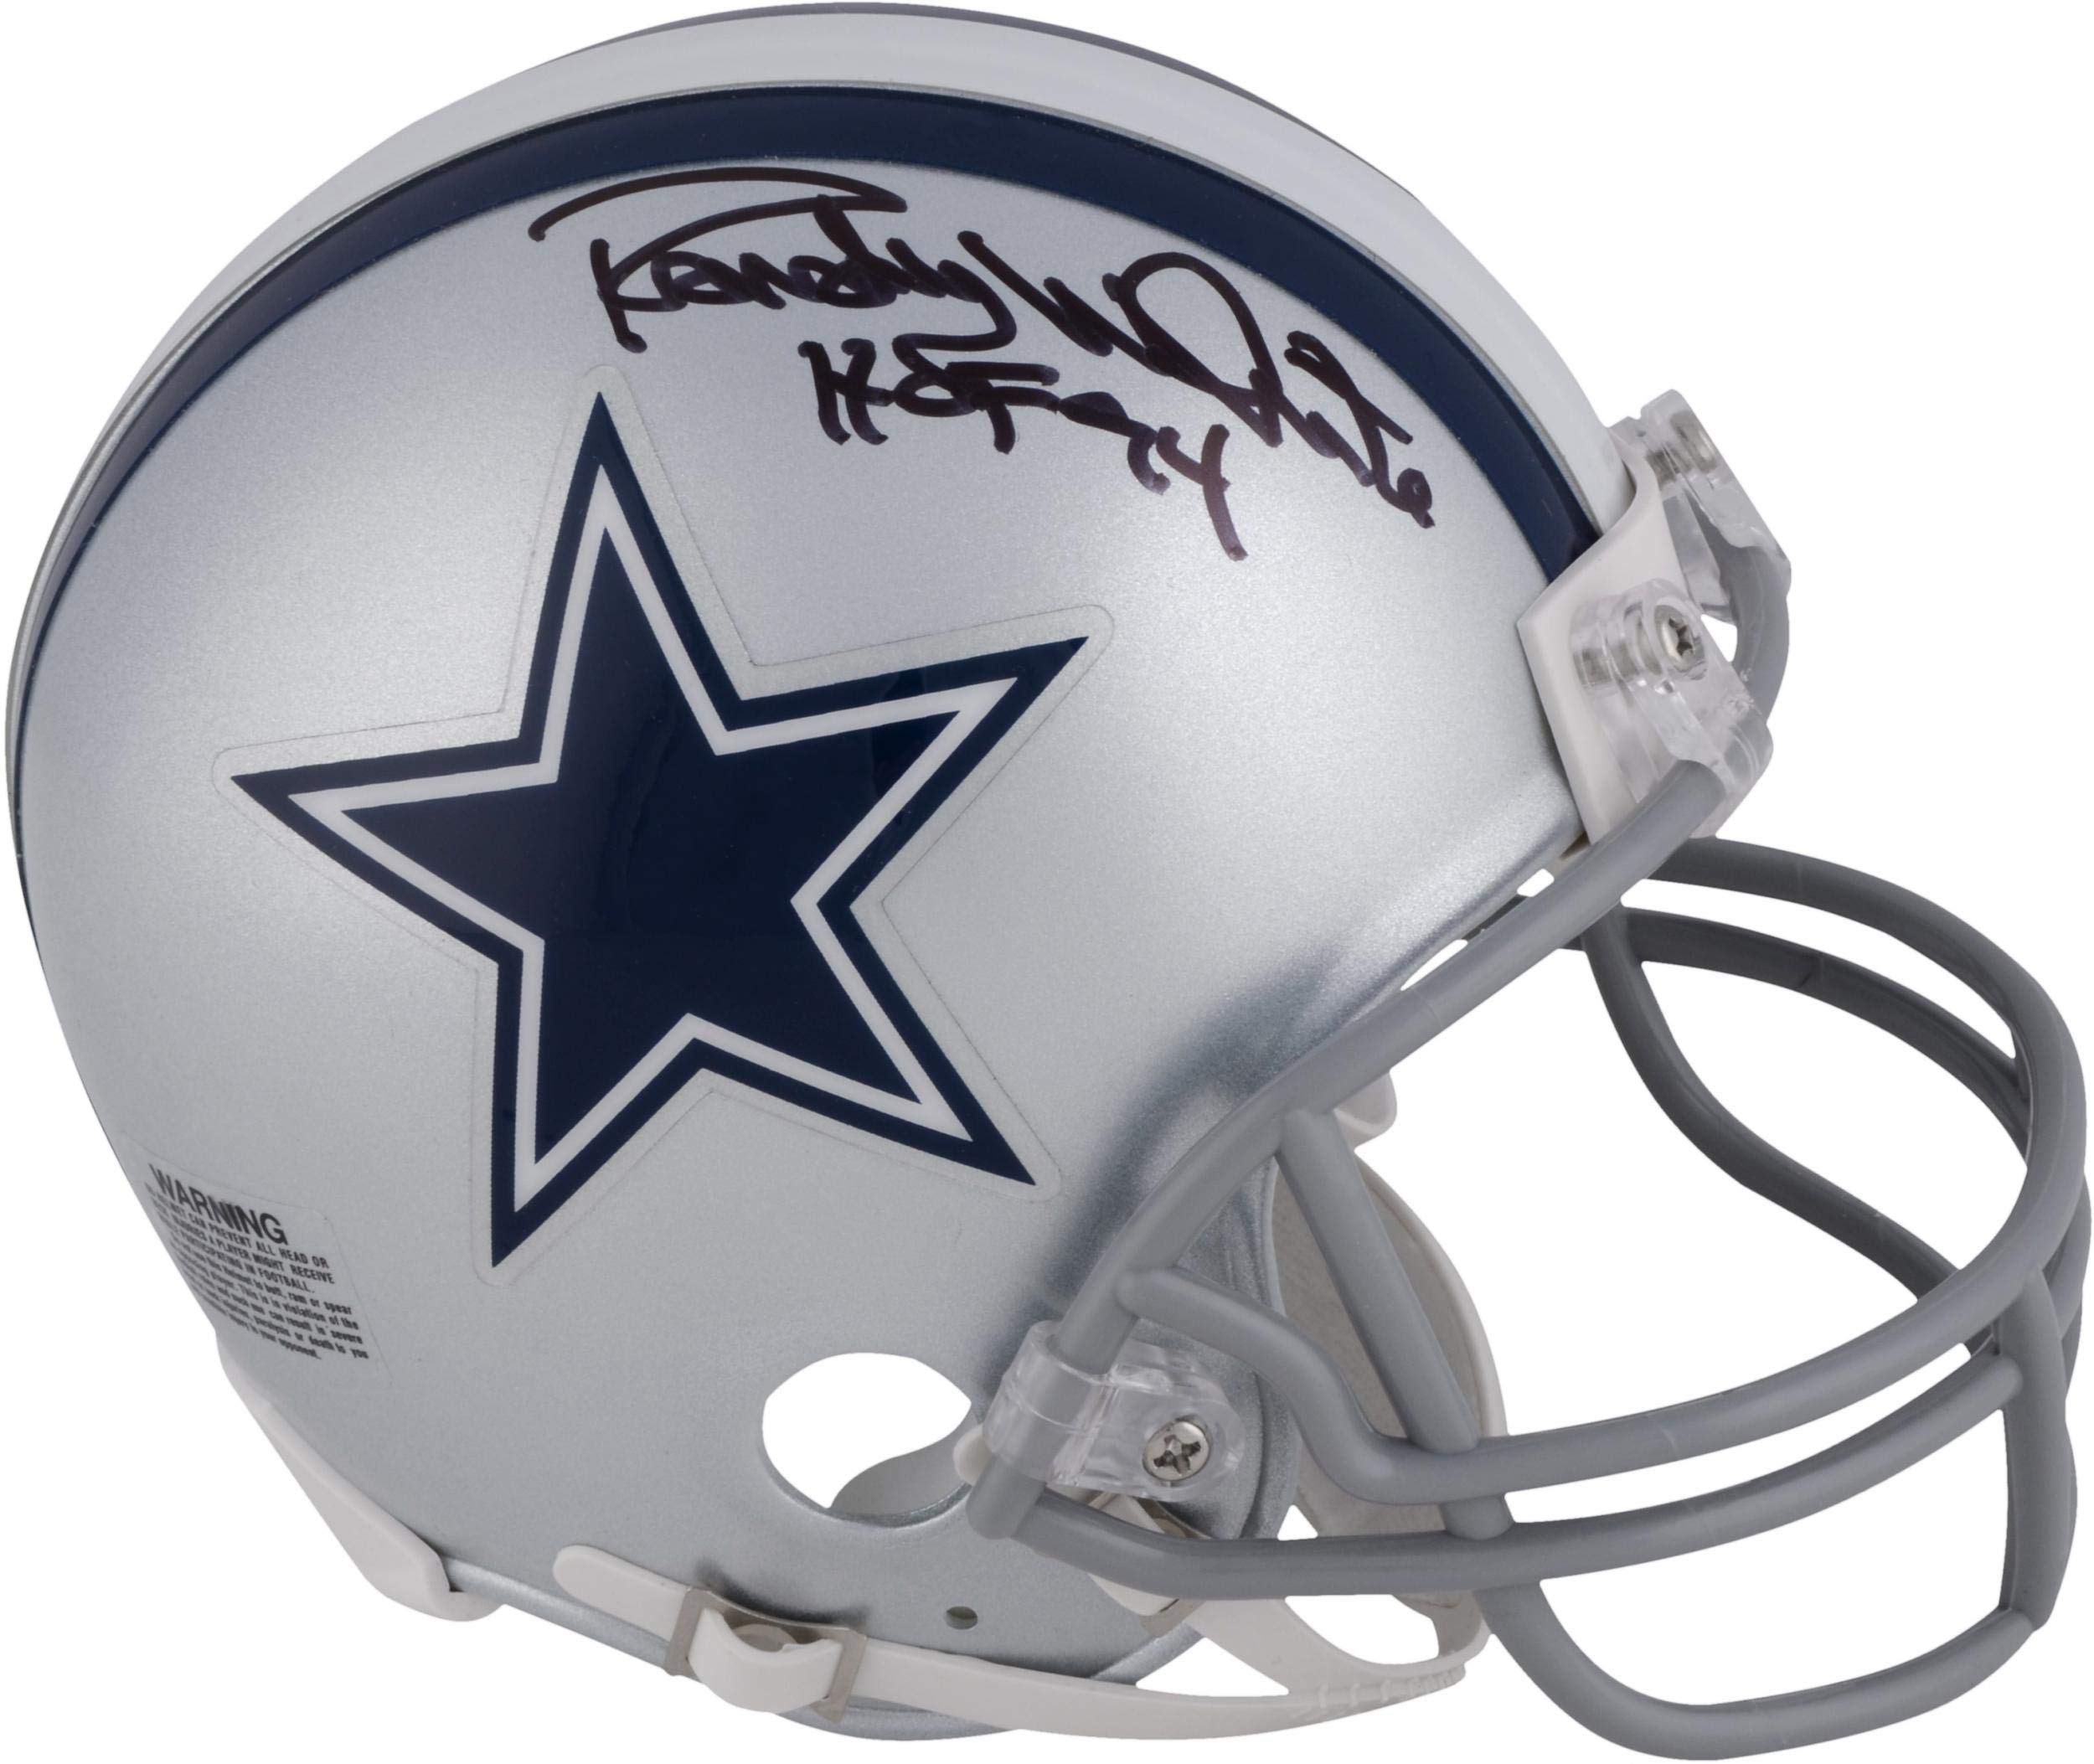 Randy White Dallas Cowboys Autographed Mini Helmet with HOF 1994 Inscription Fanatics Authentic Certified